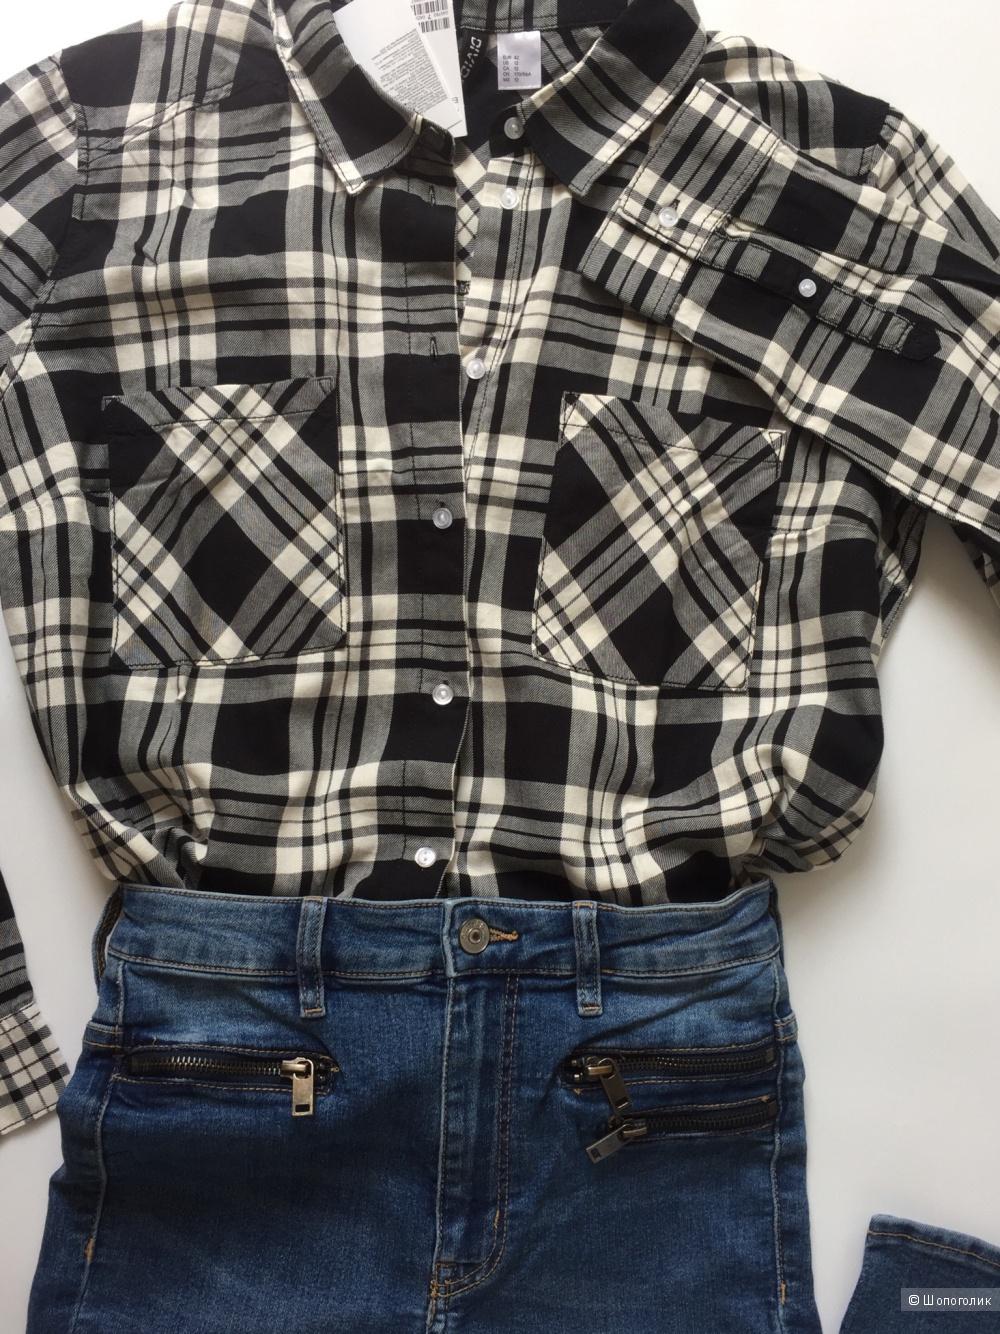 Комплект джинсы hm размер 42/44 и рубашка hm размер 42